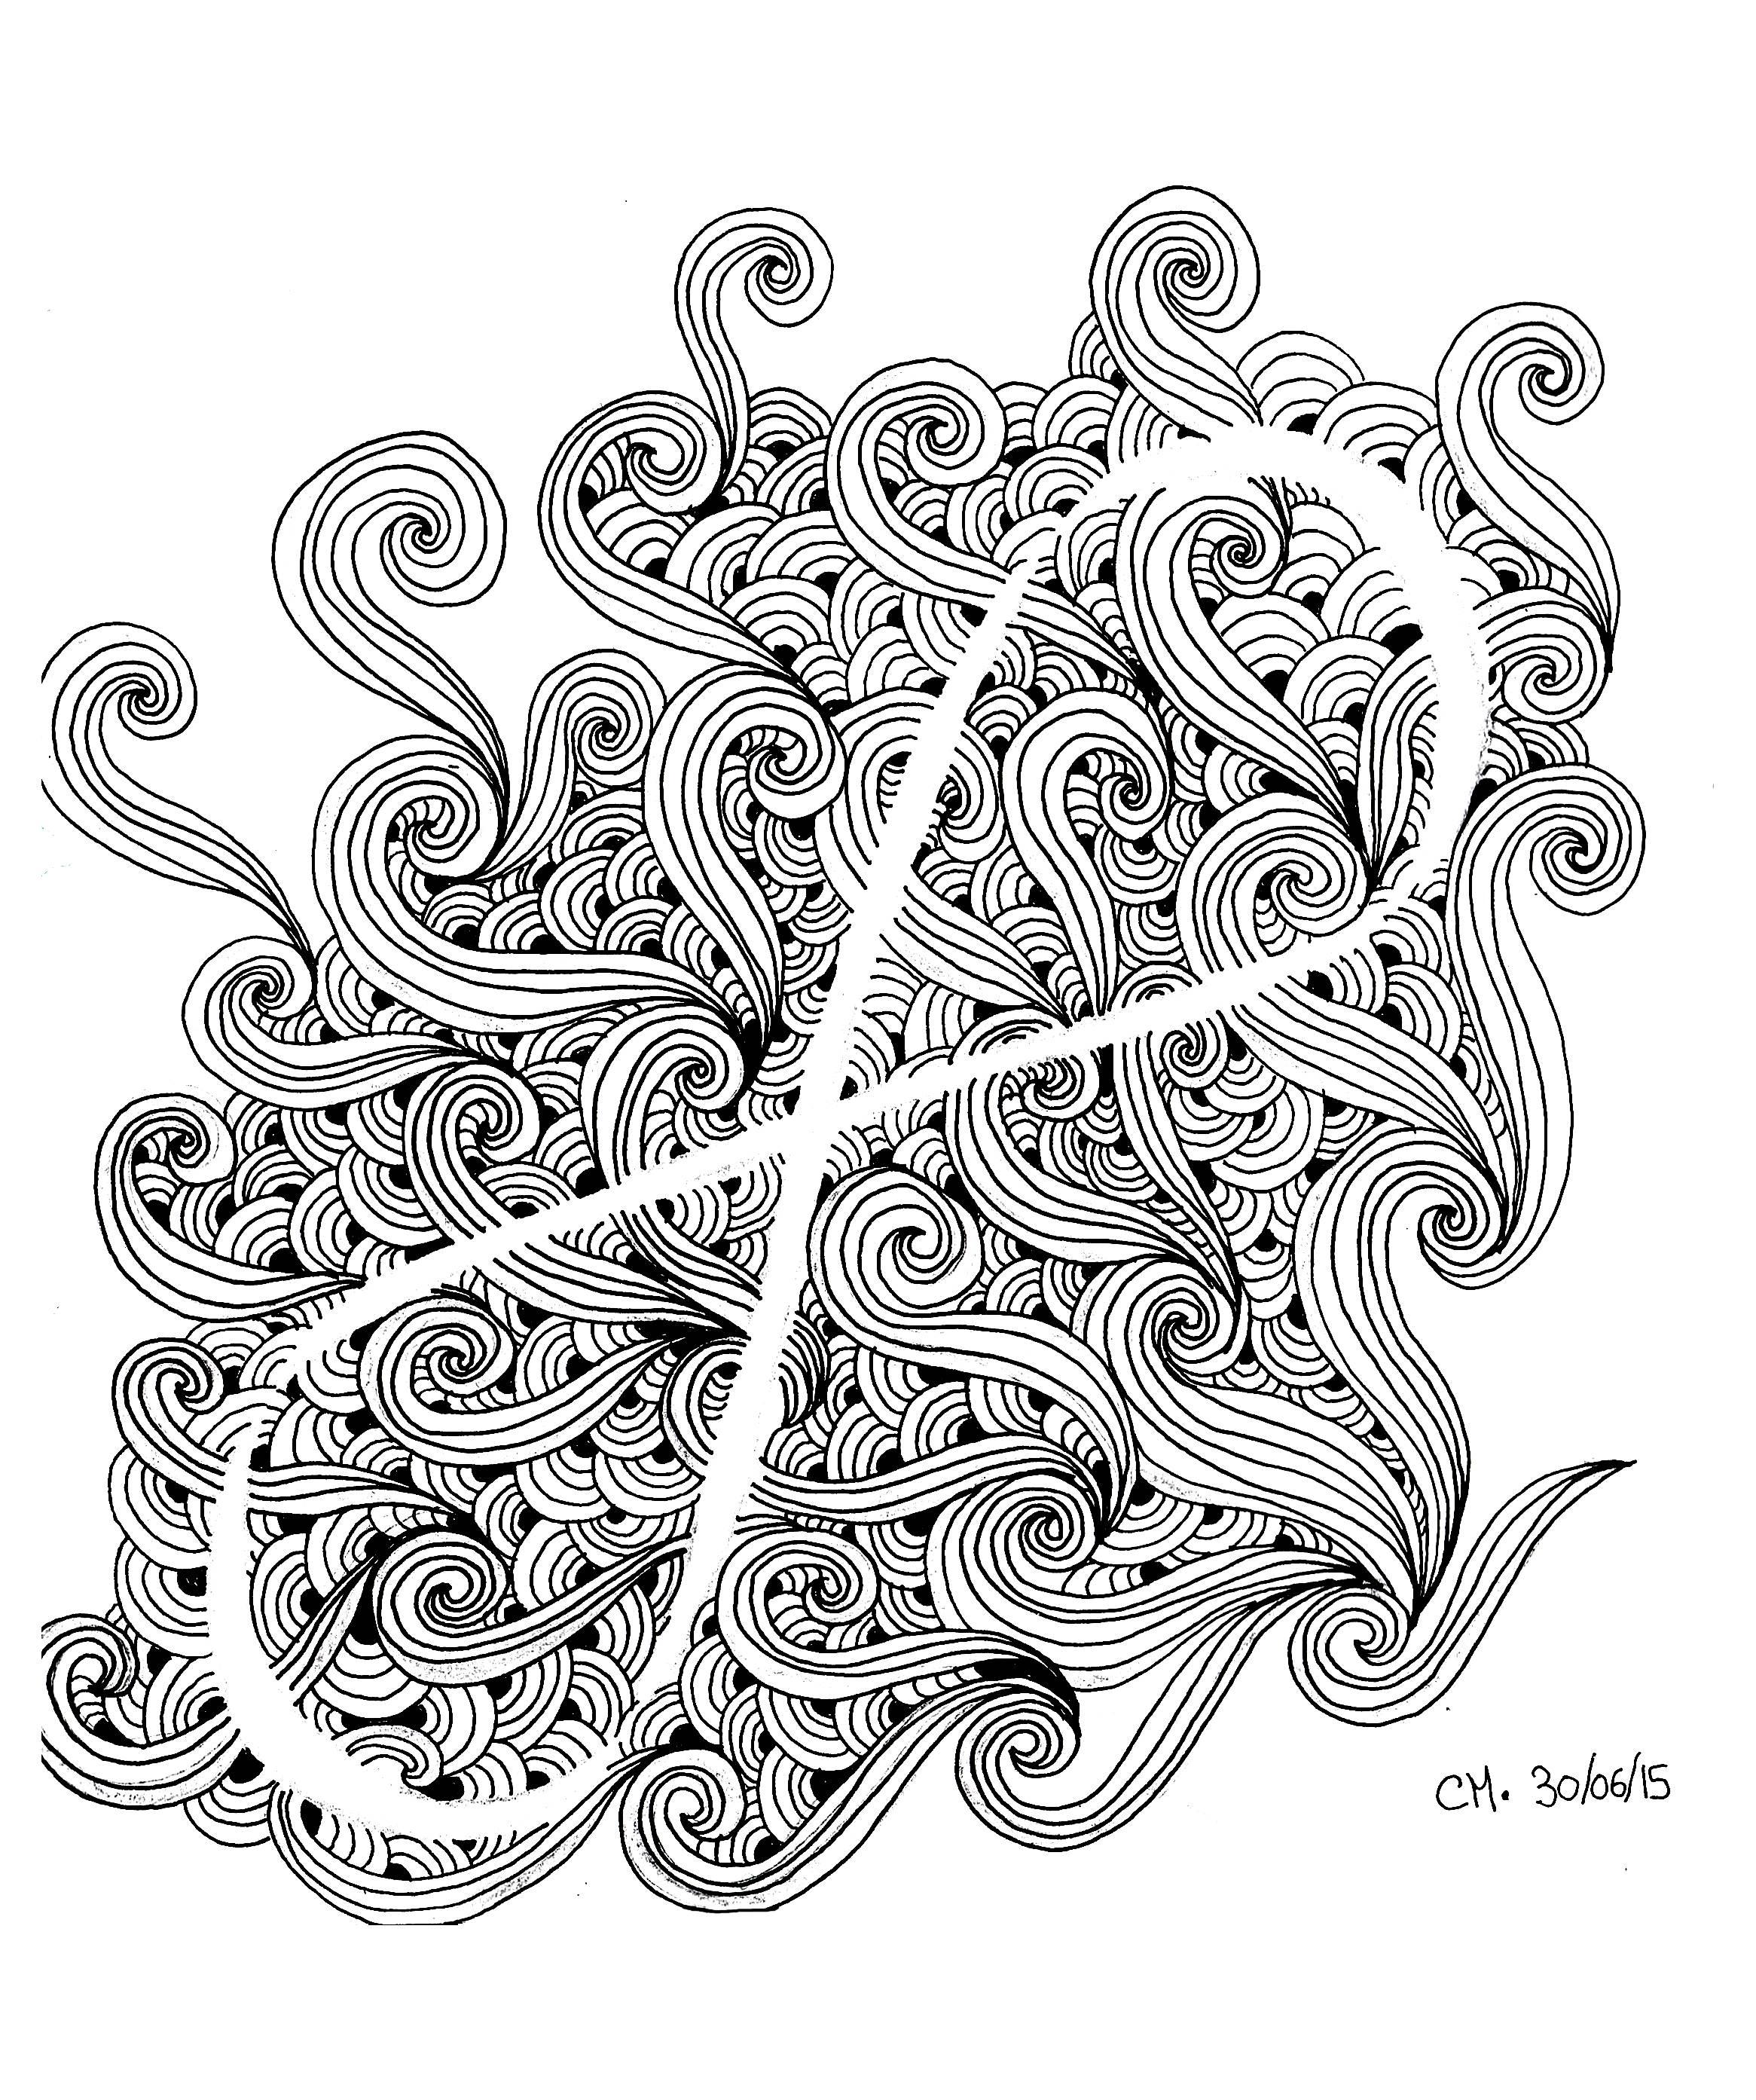 Disegni da colorare per adulti : Zentangle - 10